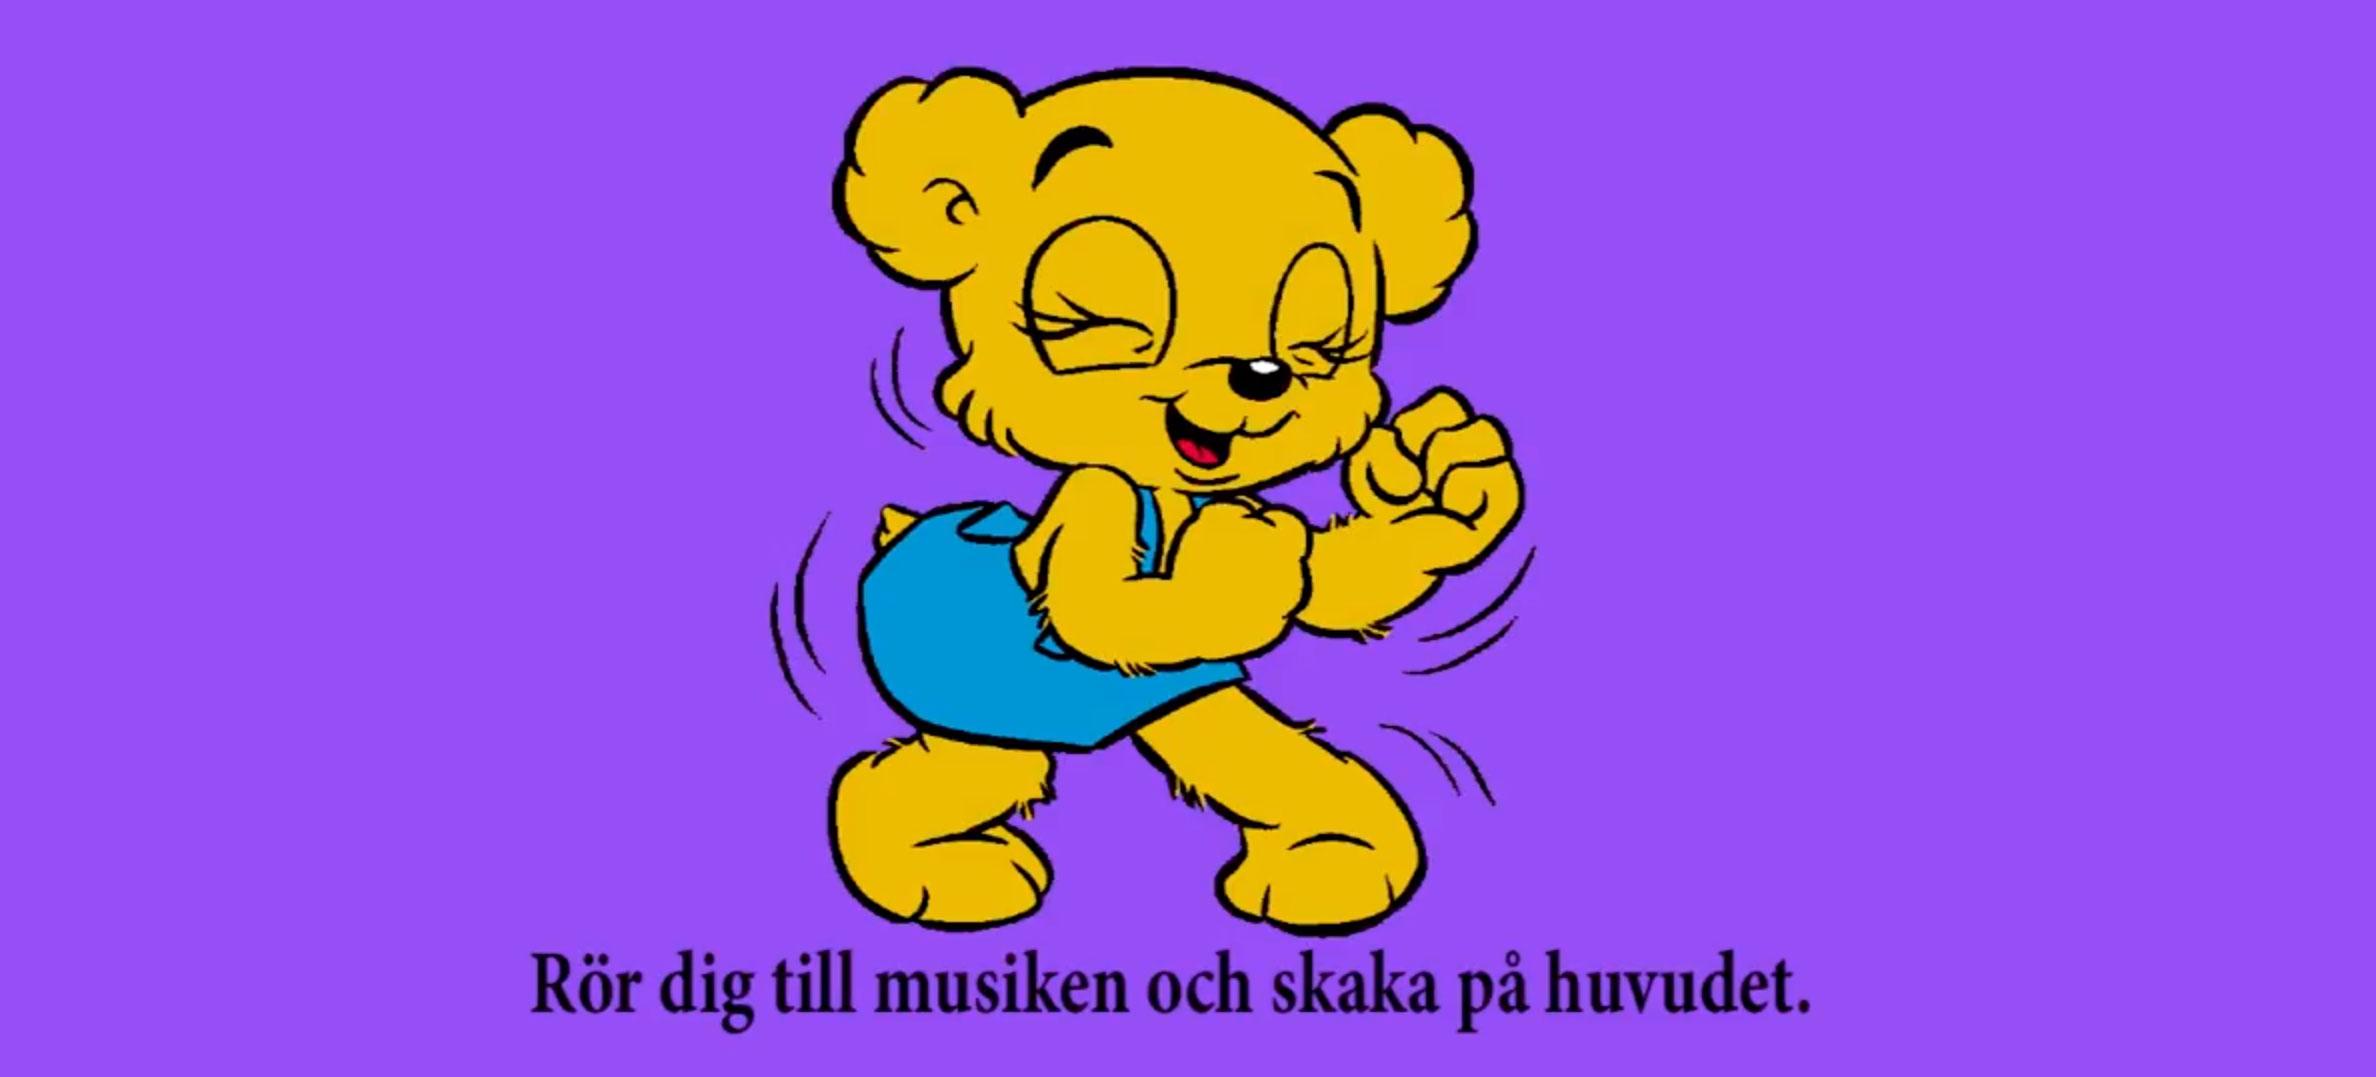 Rör dig till musiken!